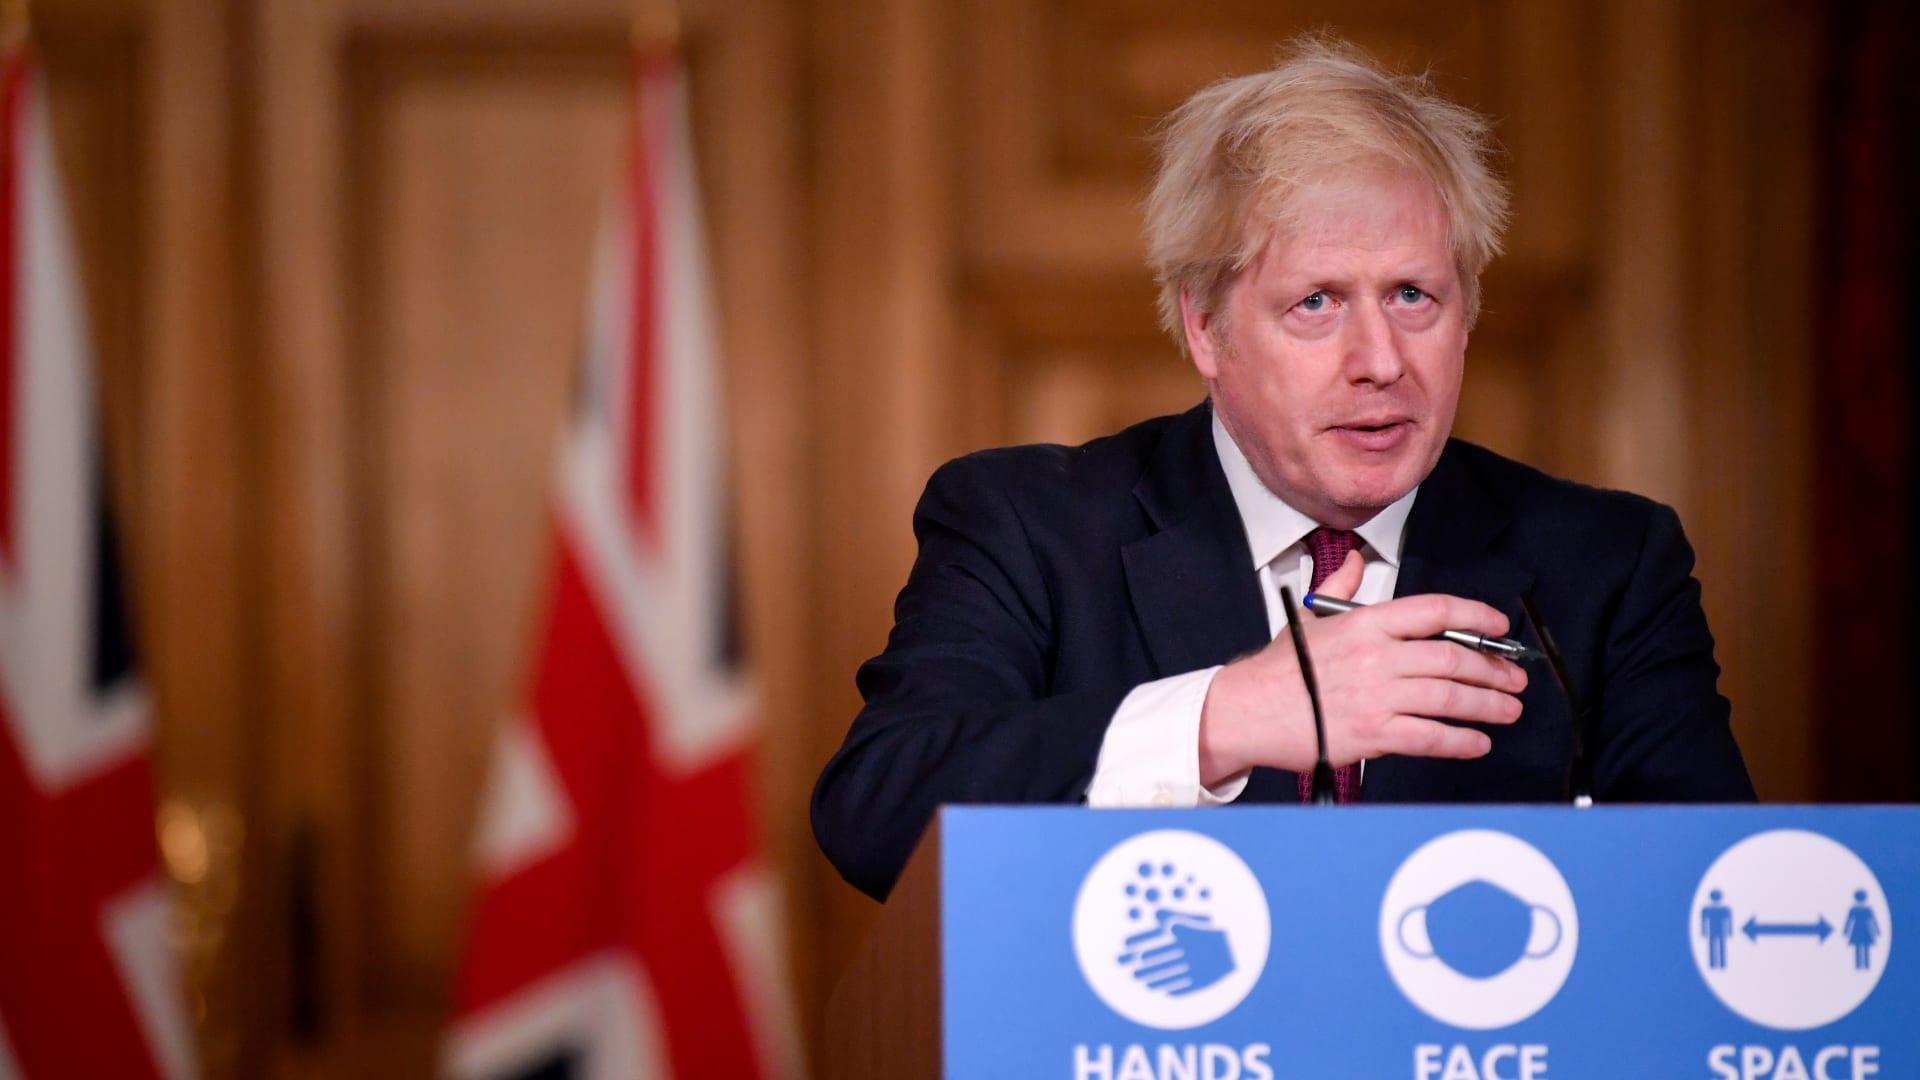 يعتقد انها سبب الانتشار كورونا السريع.. بريطانيا تكتشف سلالة جديدة من الفيروس